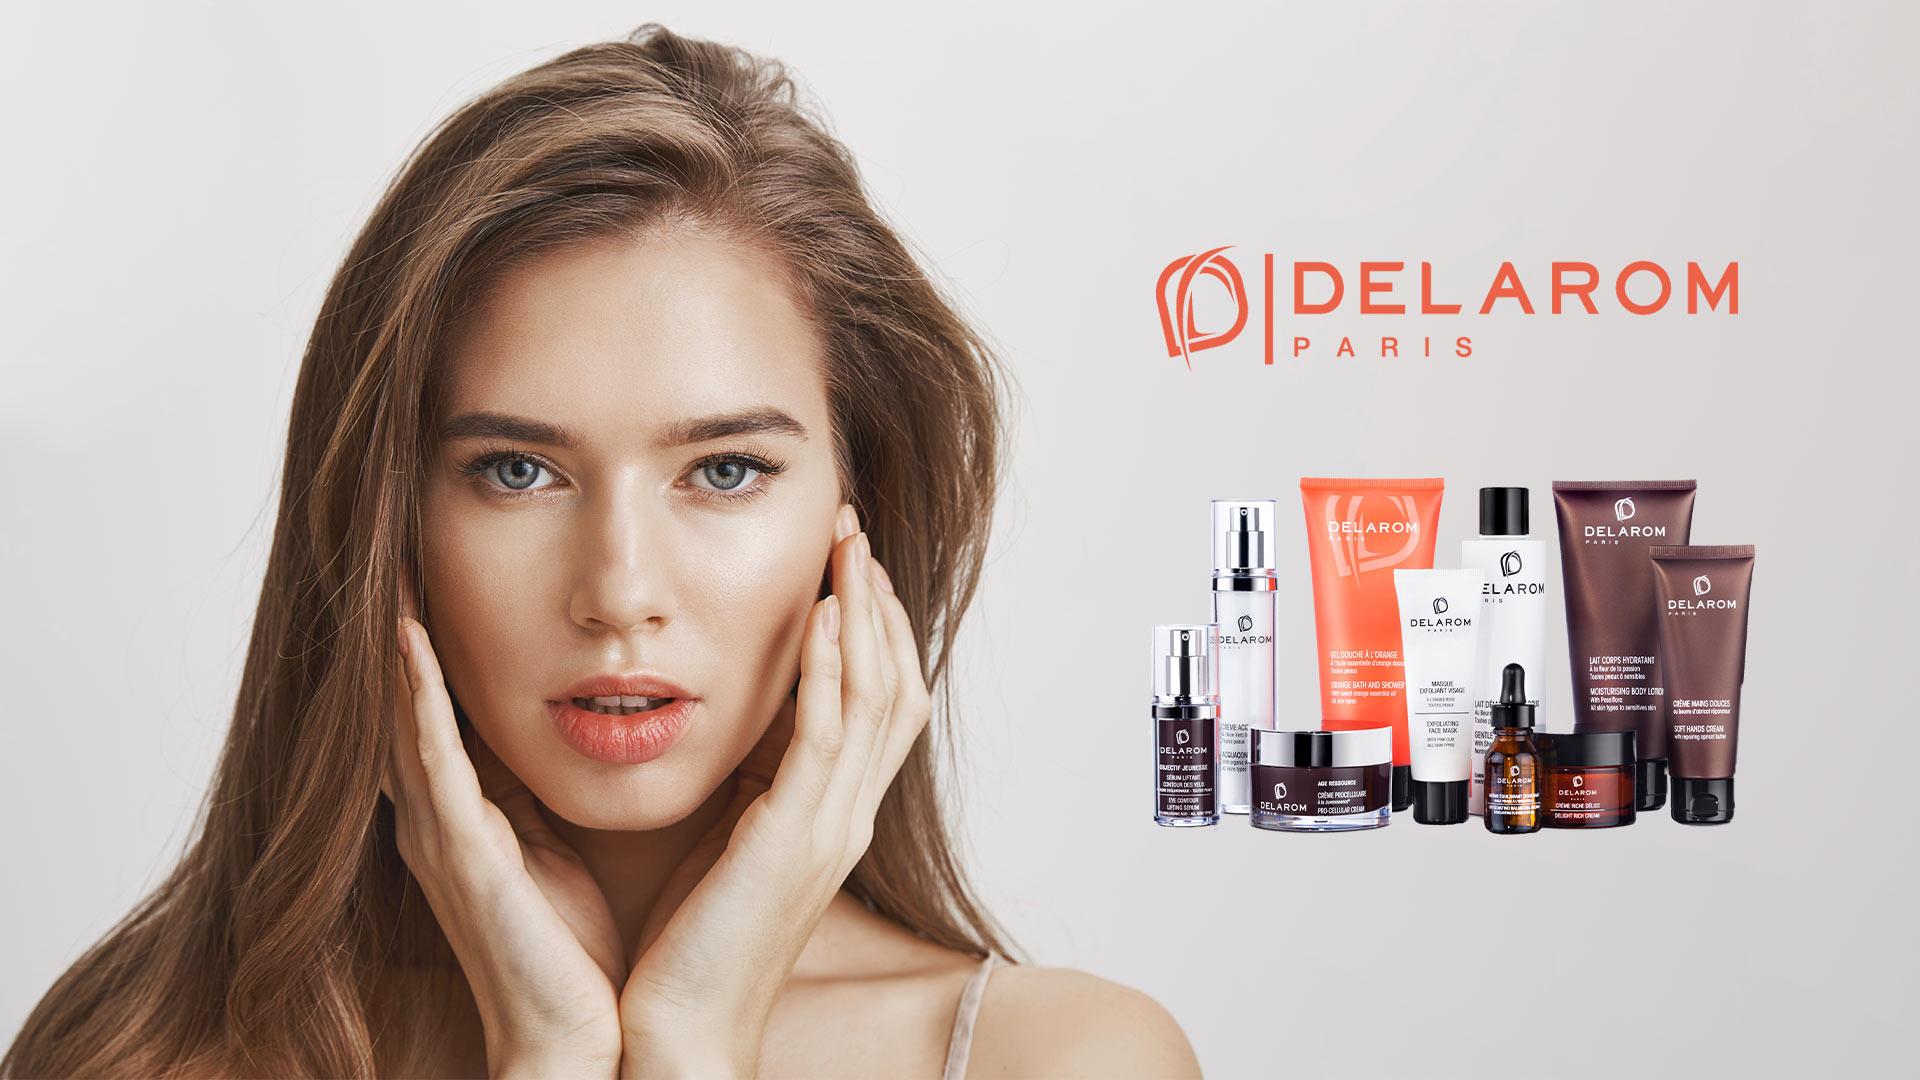 Consulenza Delarom e promozione prodotti in Farmacia a Conegliano